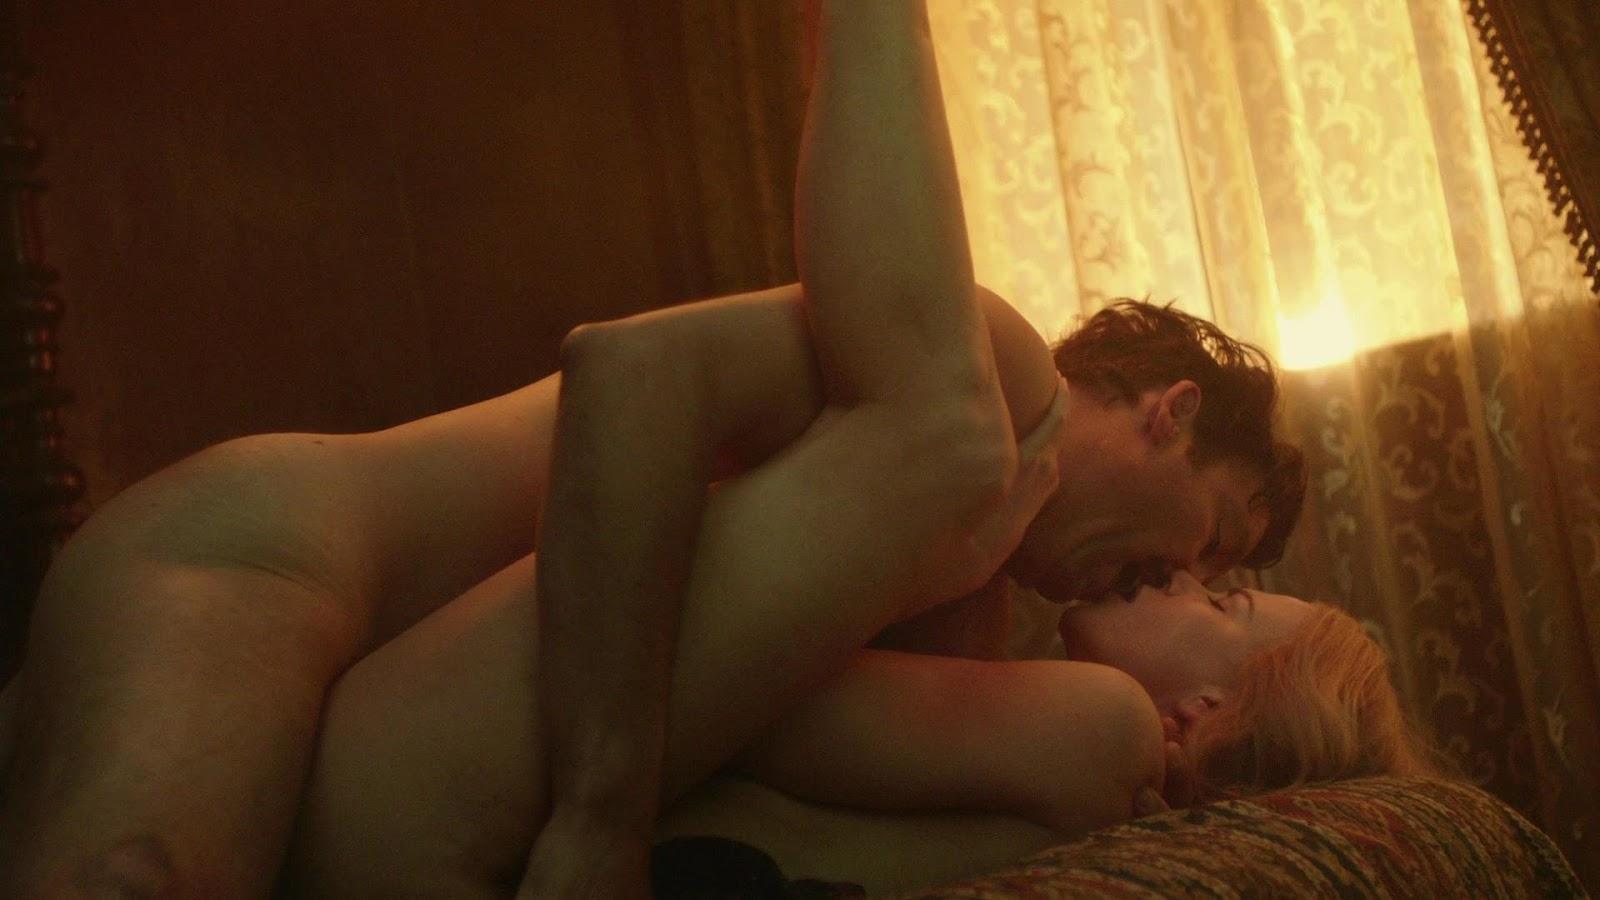 Сексуальные сцены в кино видео 6 фотография